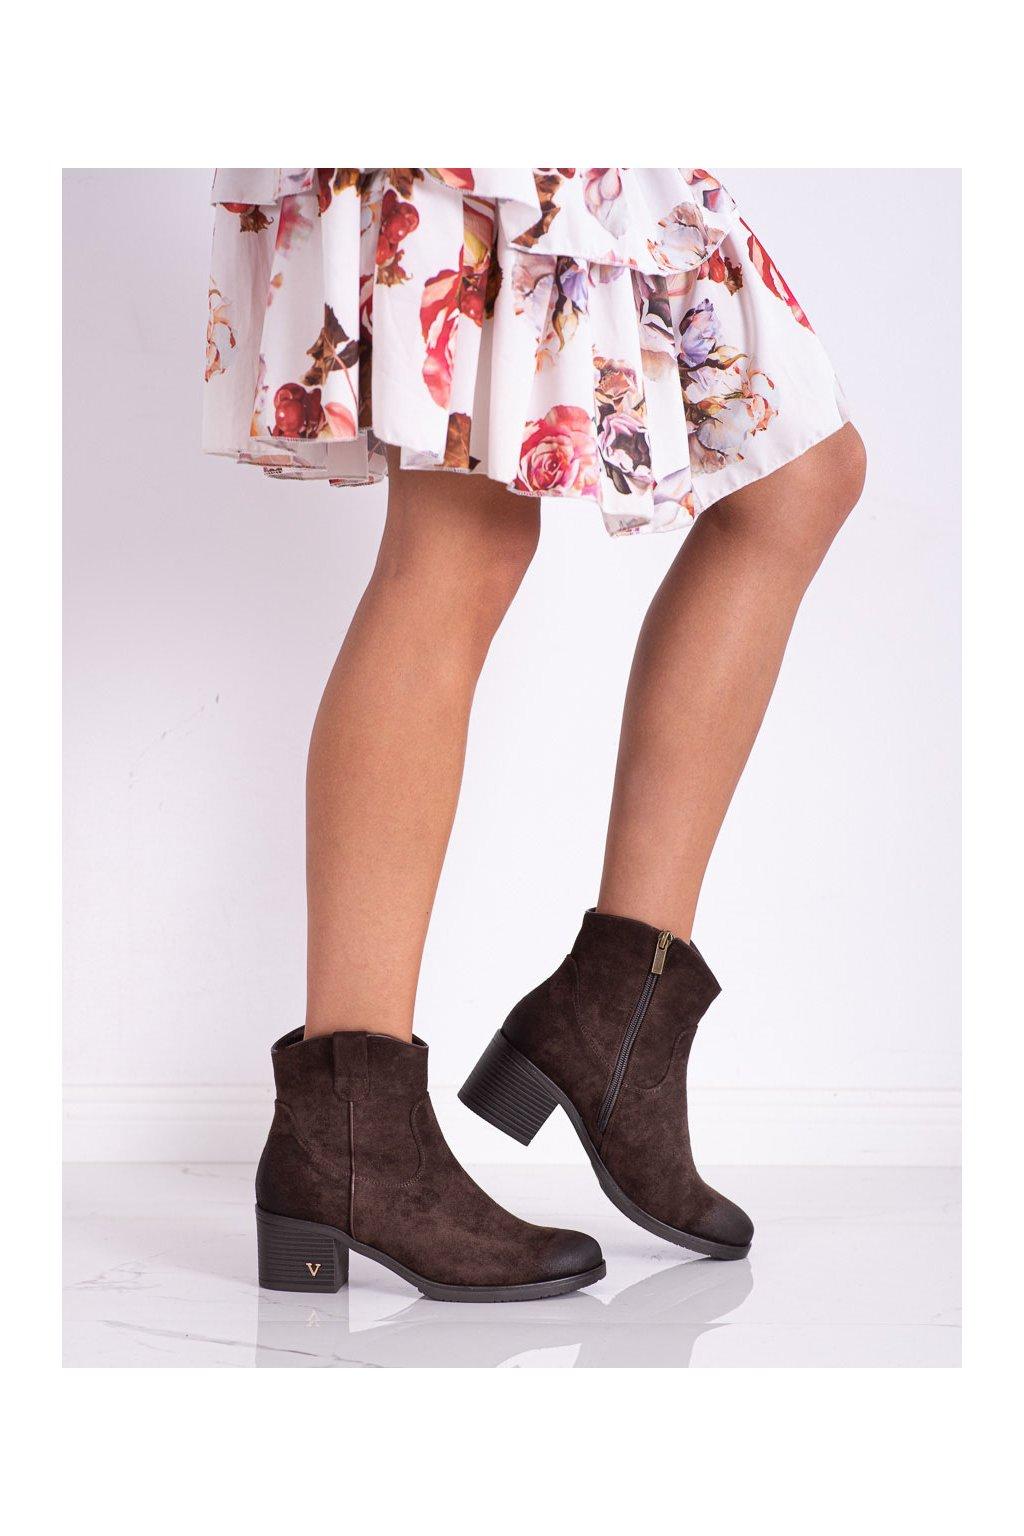 Hnedé dámske topánky Vinceza kod XY22-10629BR